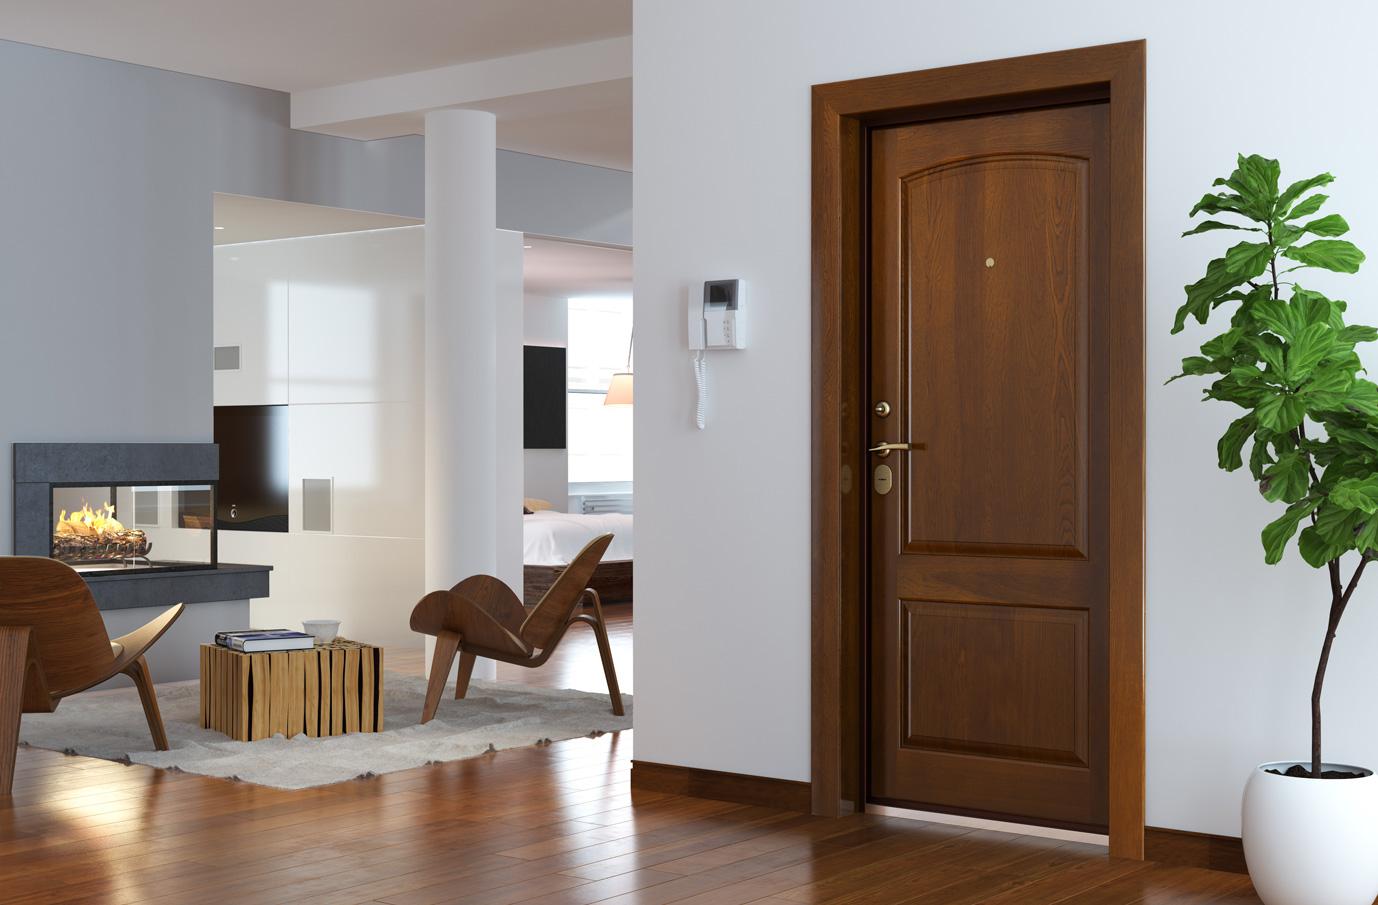 Классическая дверь в современном интерьере